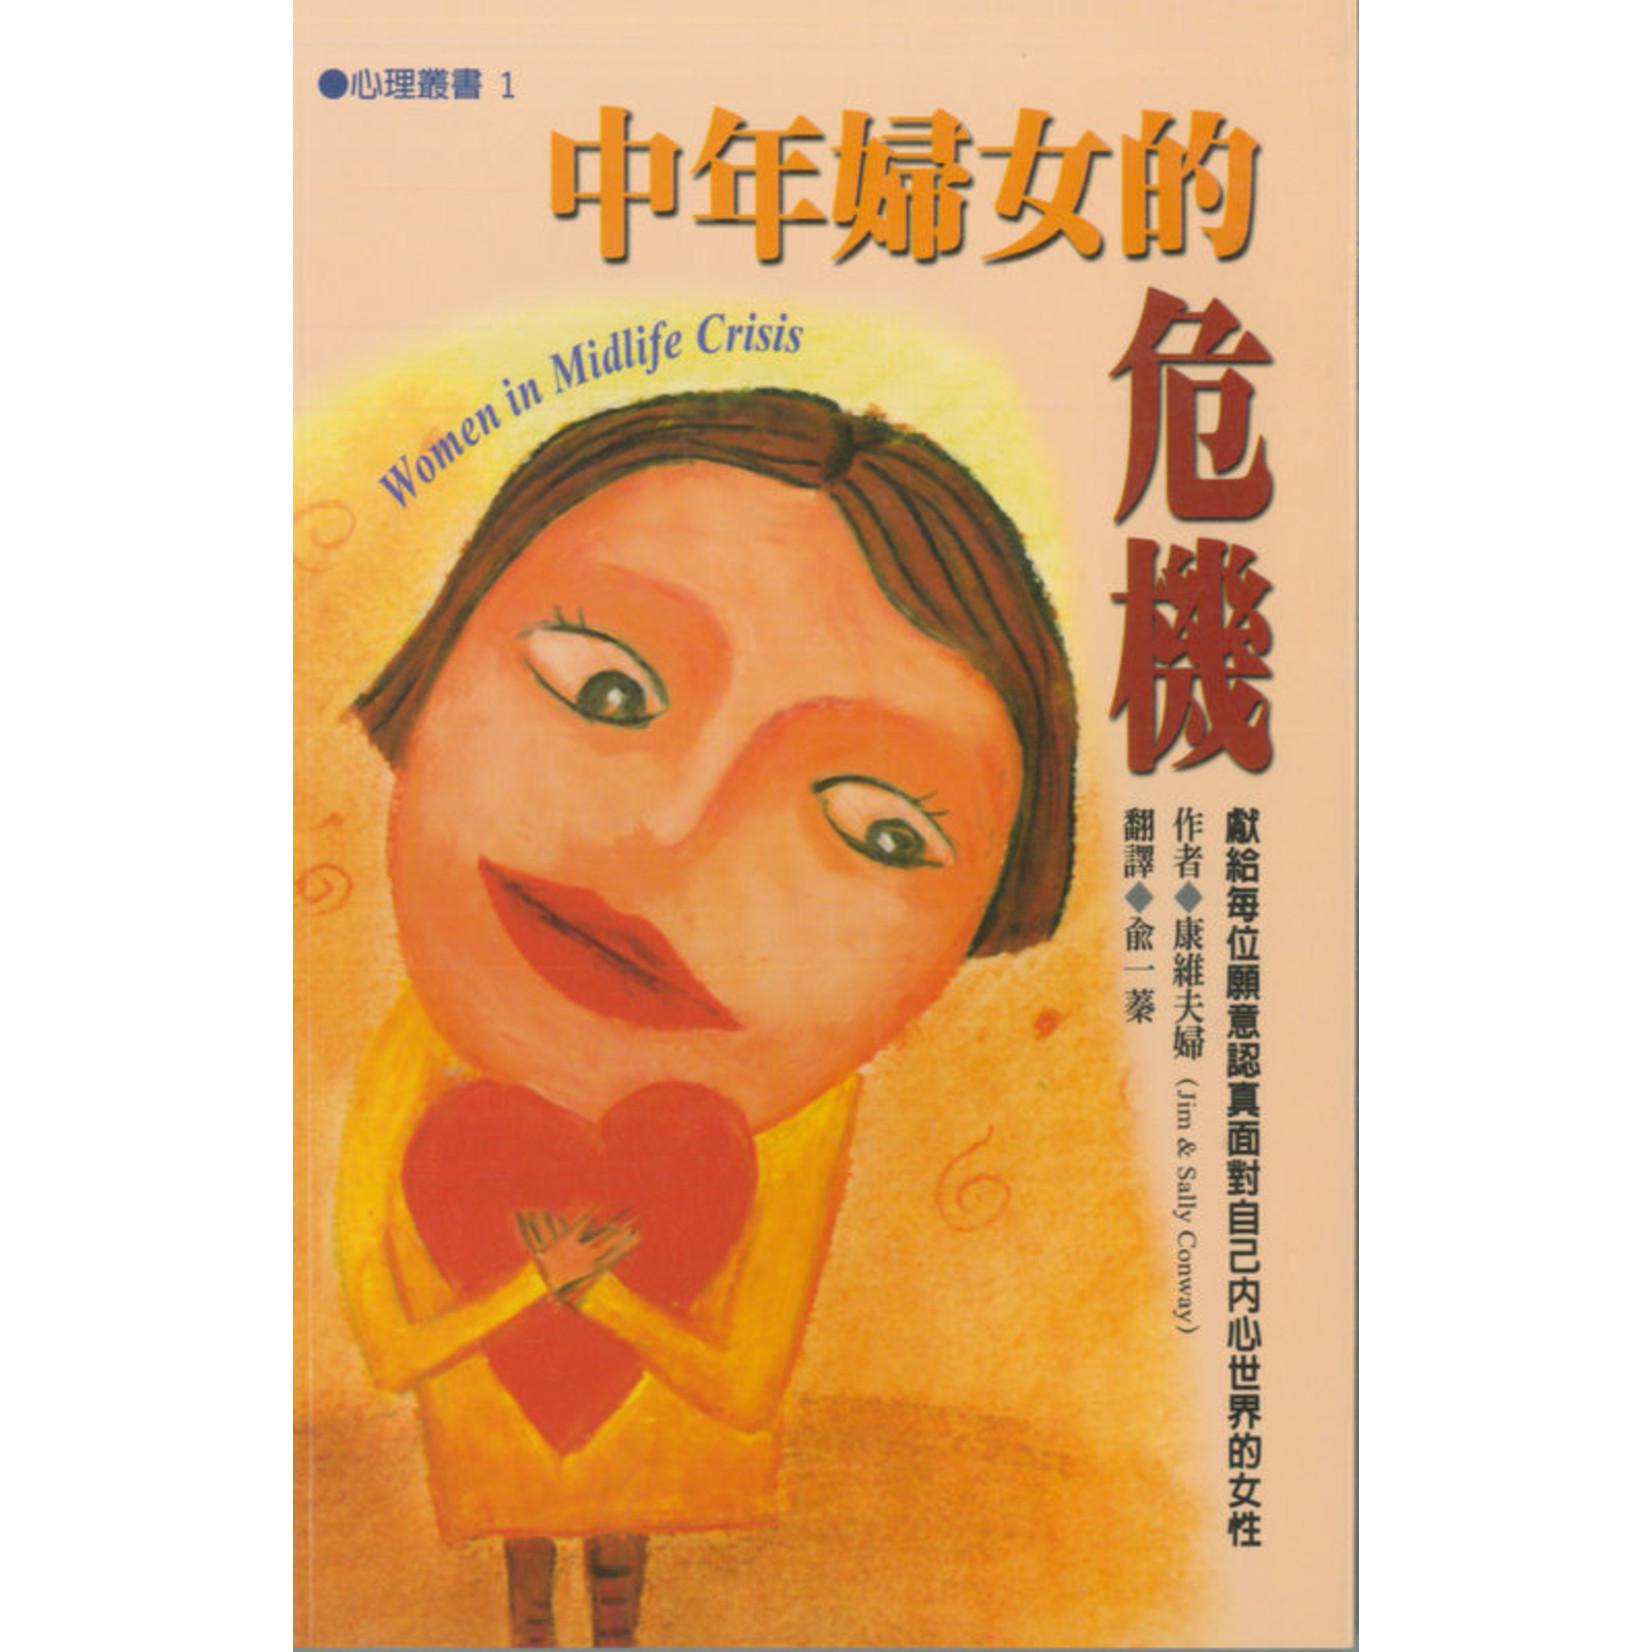 雅歌 Song of Songs Publishing House 中年婦女的危機 Women in Middle life Crisis